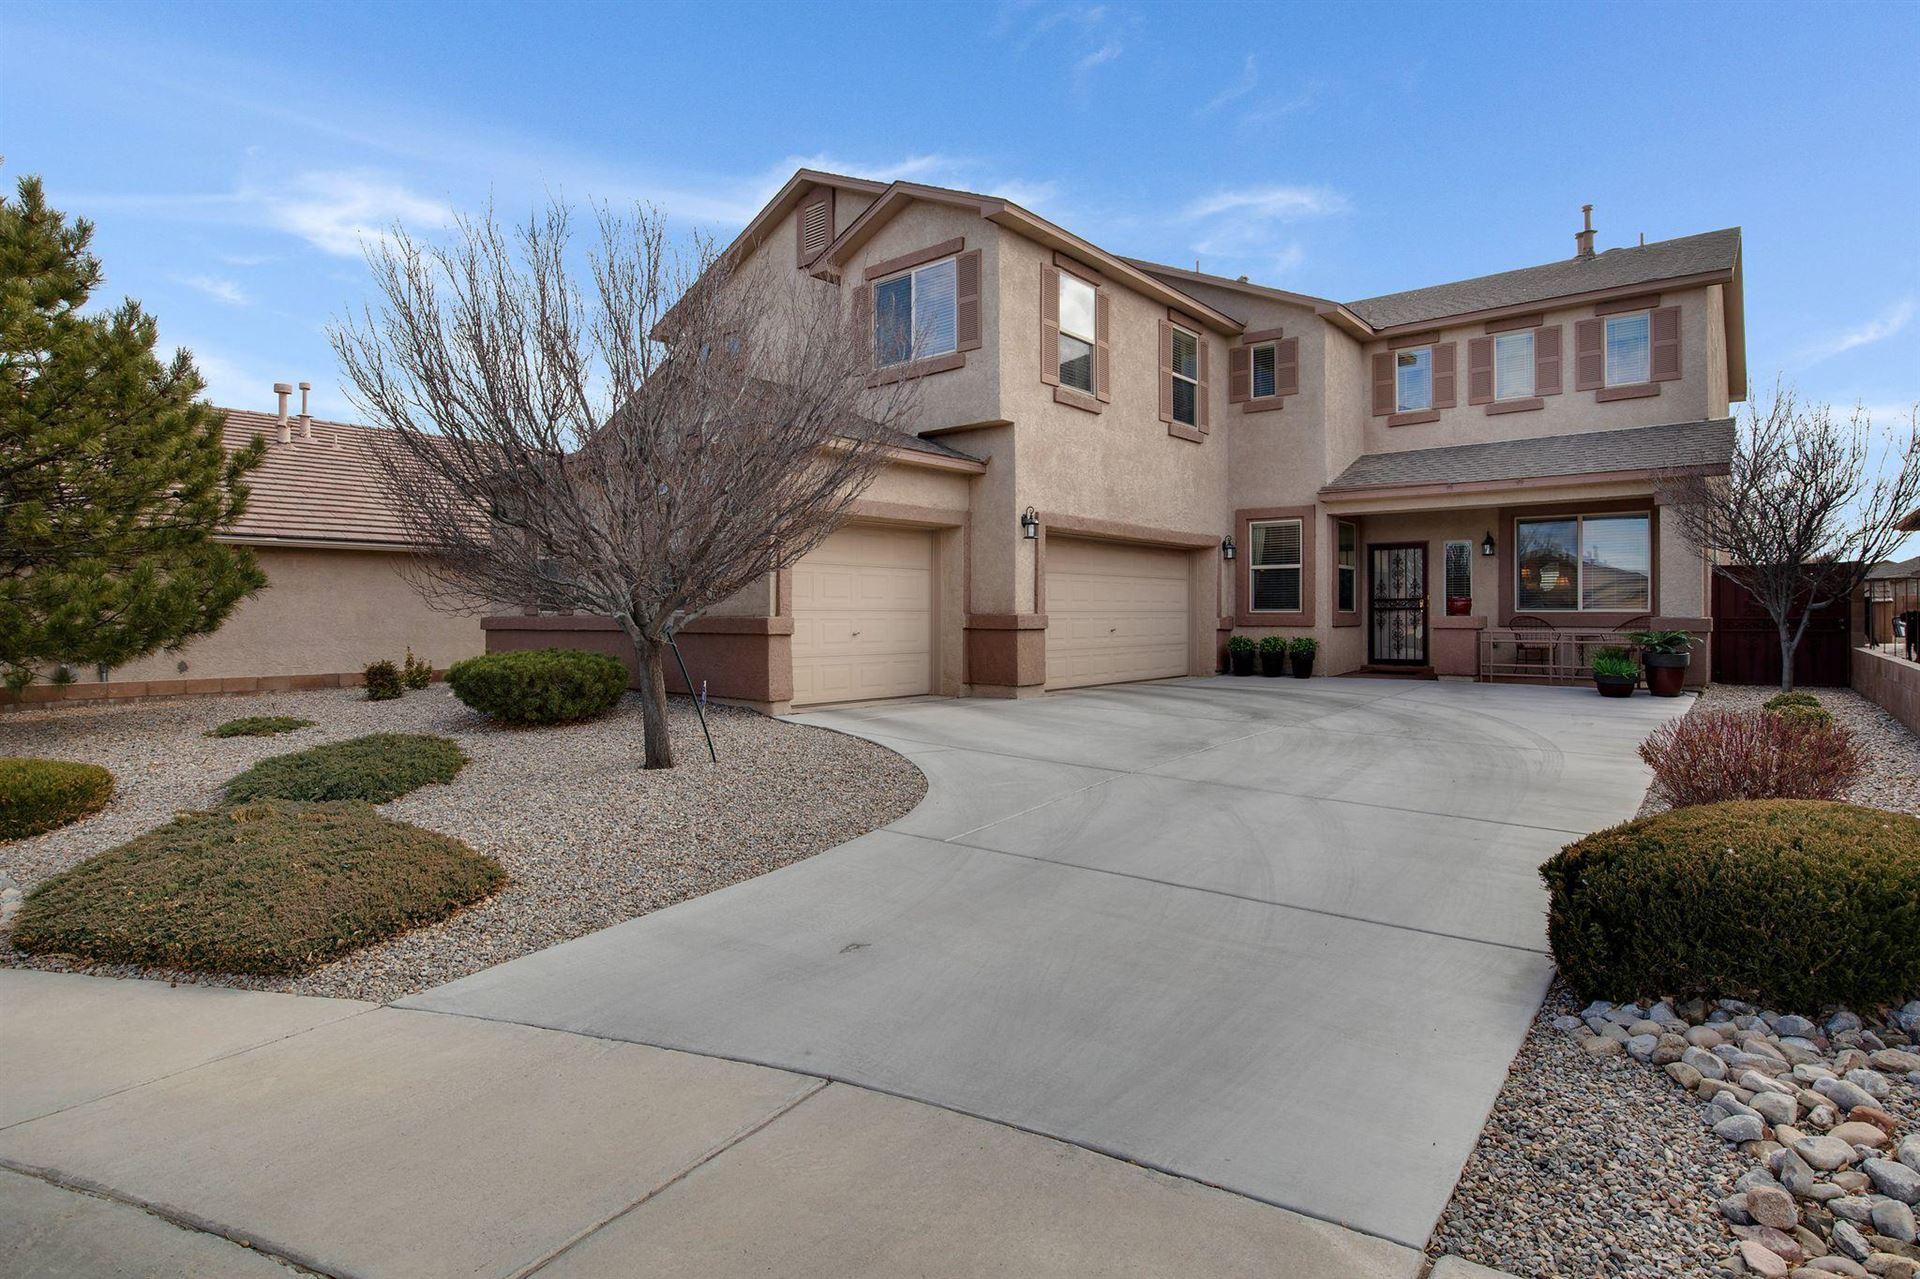 8148 CORN MOUNTAIN Place NW, Albuquerque, NM 87114 - MLS#: 986699